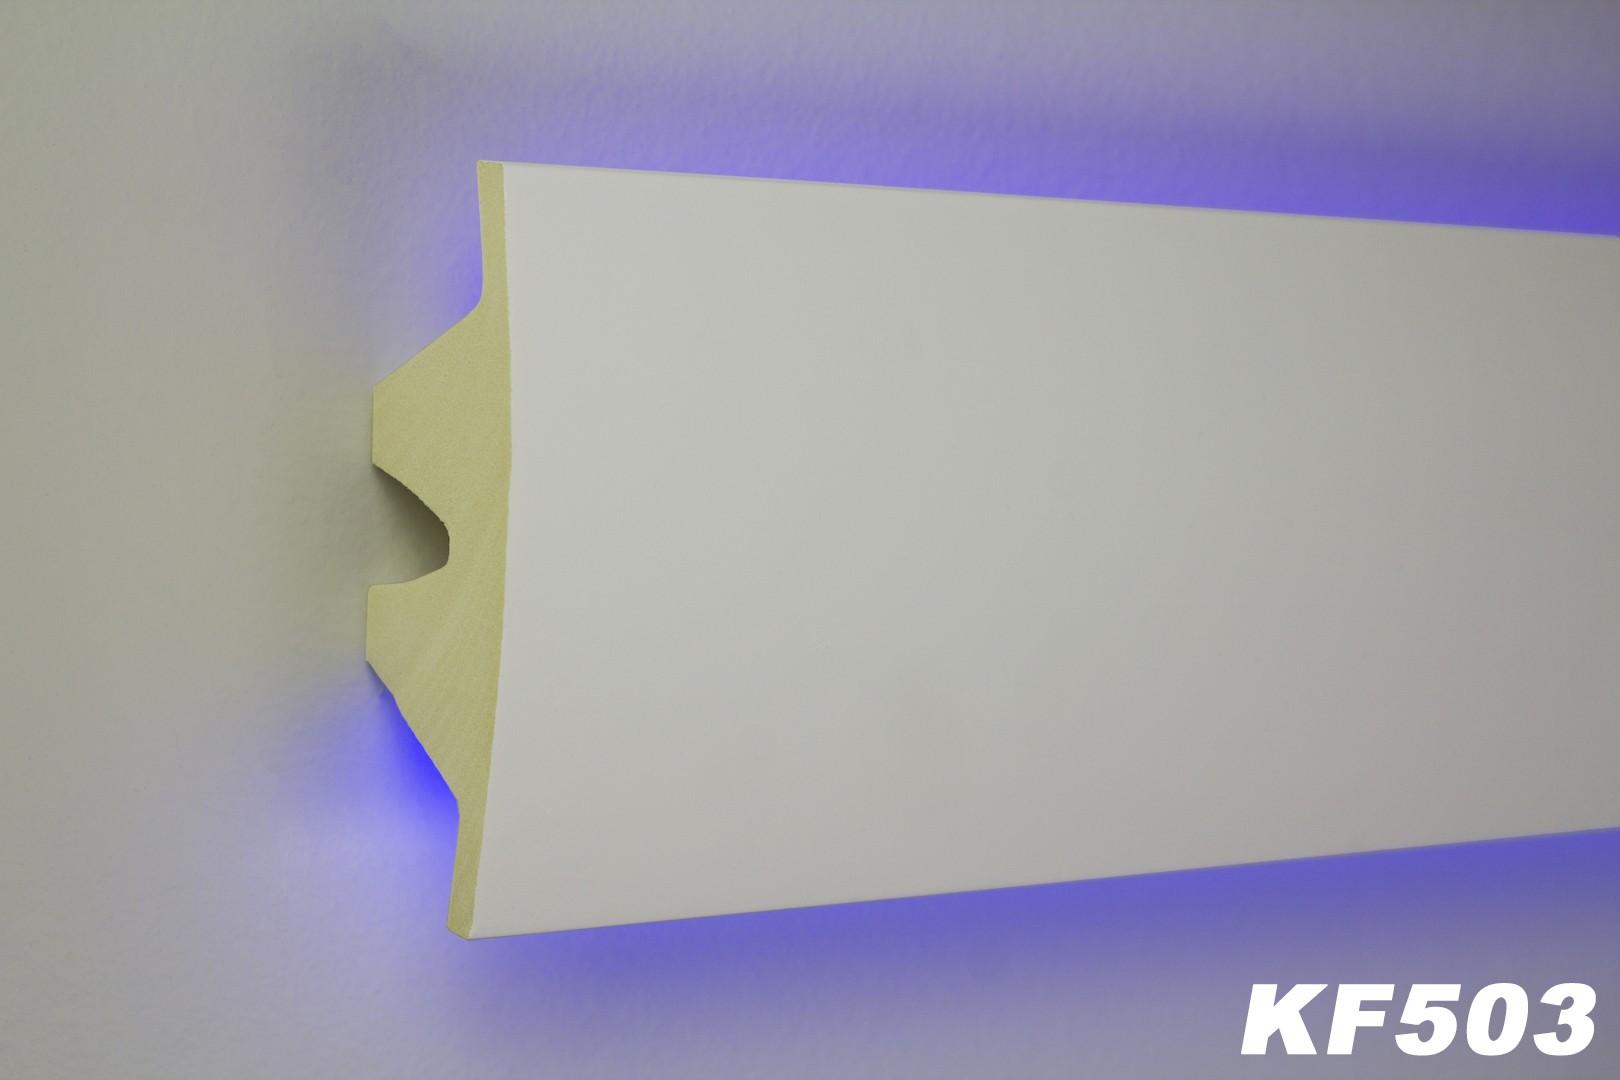 Kf503 originalbild